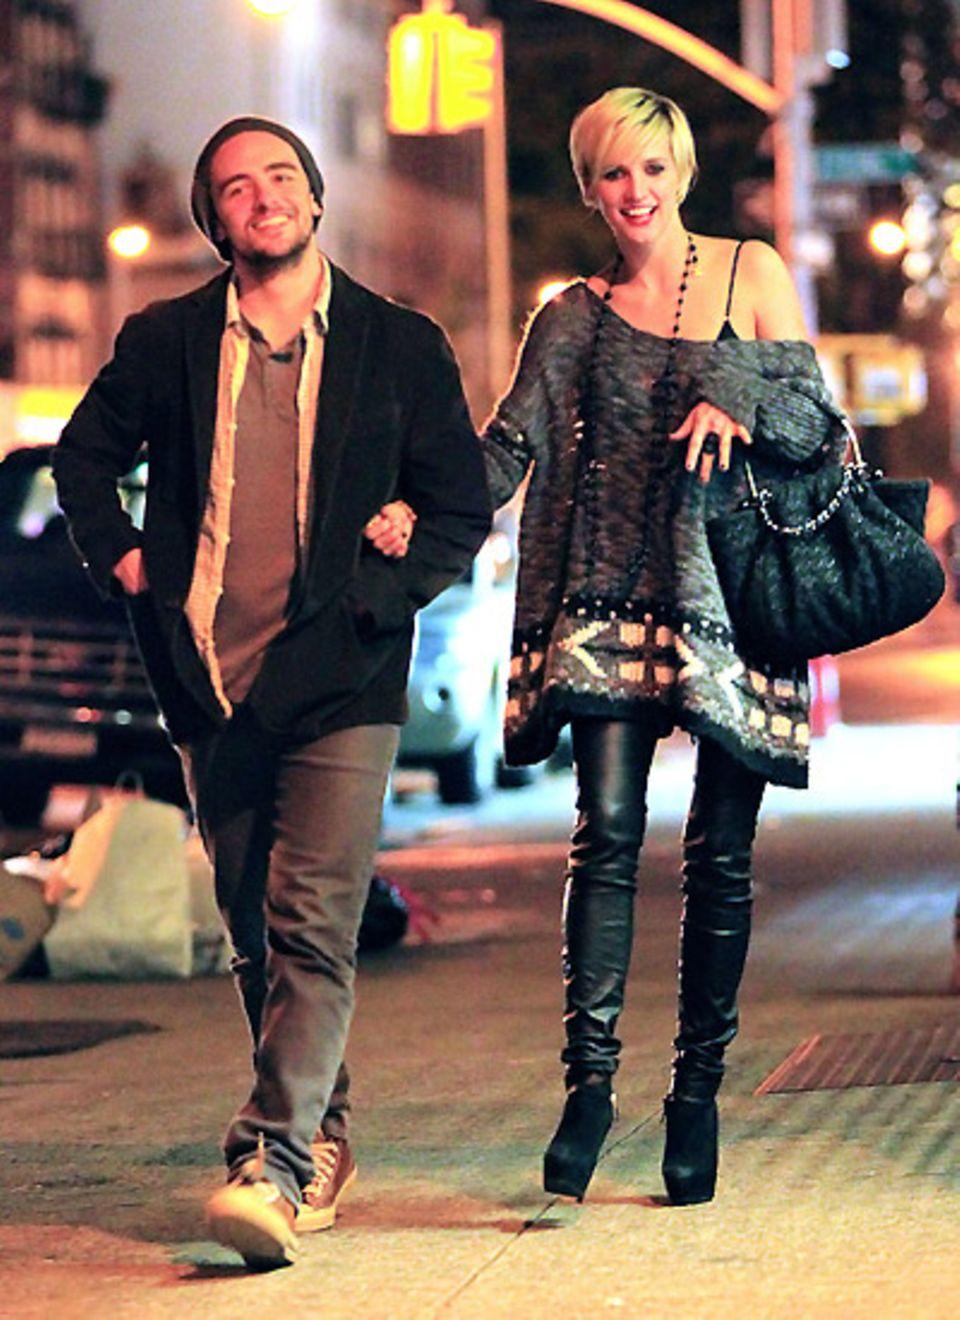 25. Oktober 2011: Ashlee Simpson und Vincent Piazza genießen einen Abendspaziergang in den Straßen von New York.